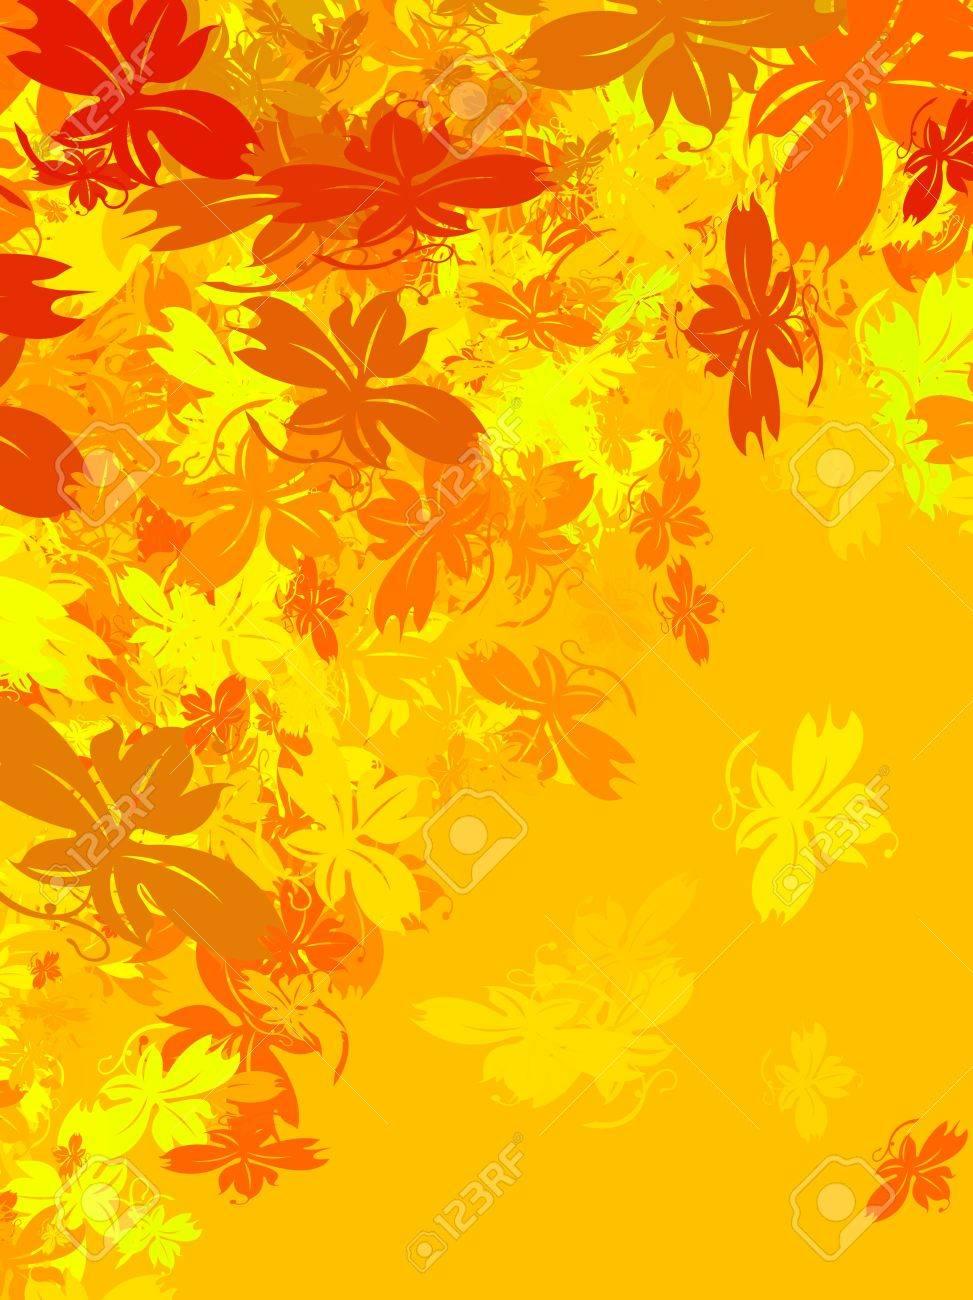 De Fond Avec Des Feuilles D\'automne Tombent. Les Couleurs Chaudes ...